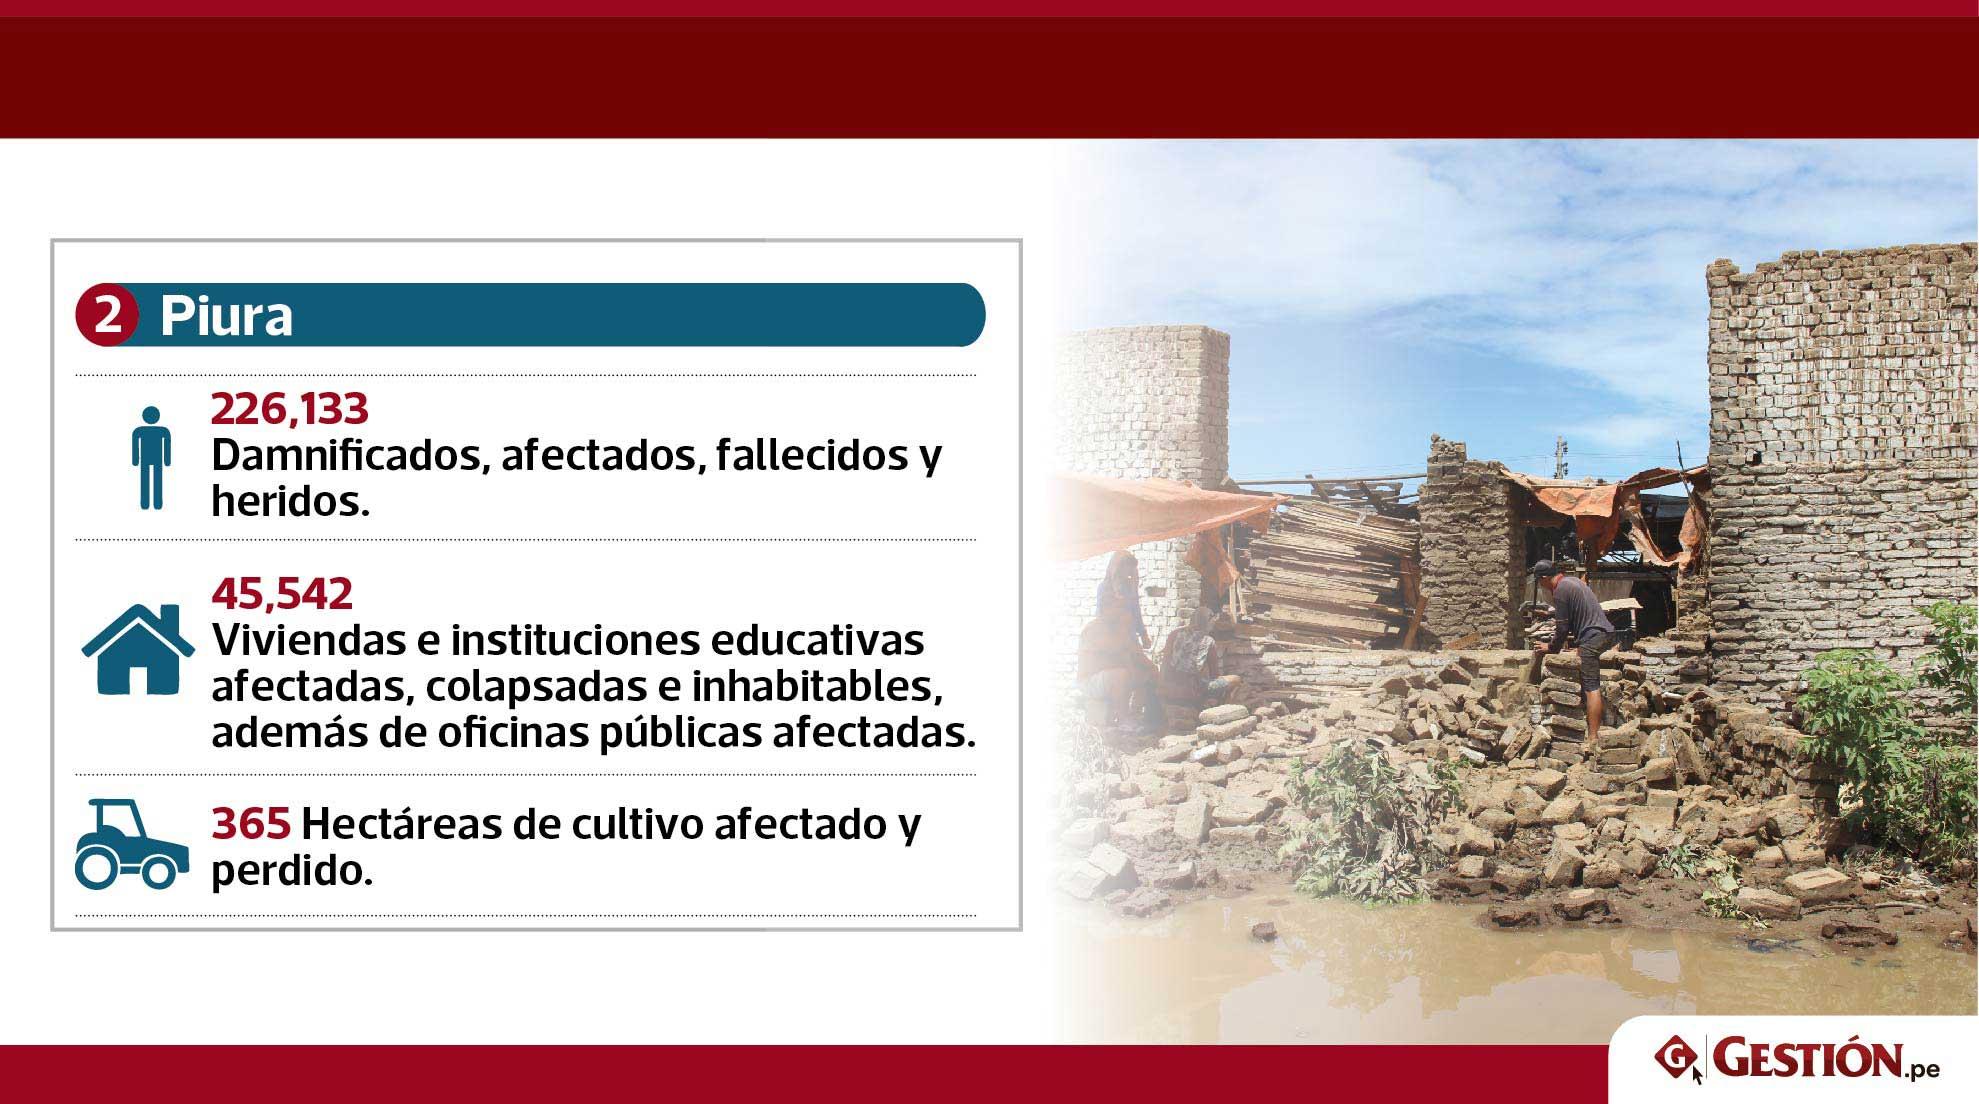 lluvias, daños por desastres naturales, desastres naturale, huaicos, desastres